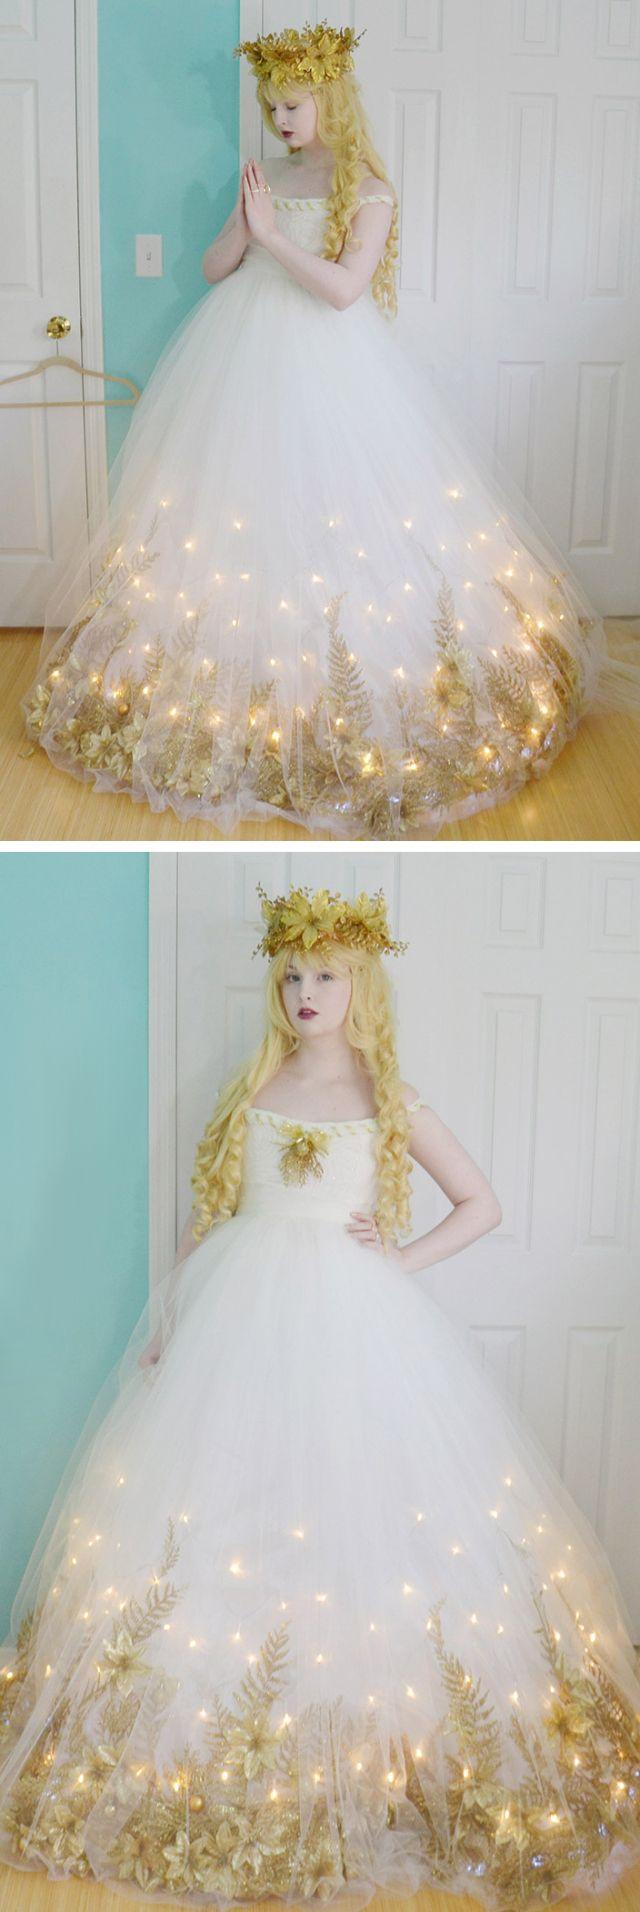 Tüllrock über das Hochzeitskleid mit Lichterketten...